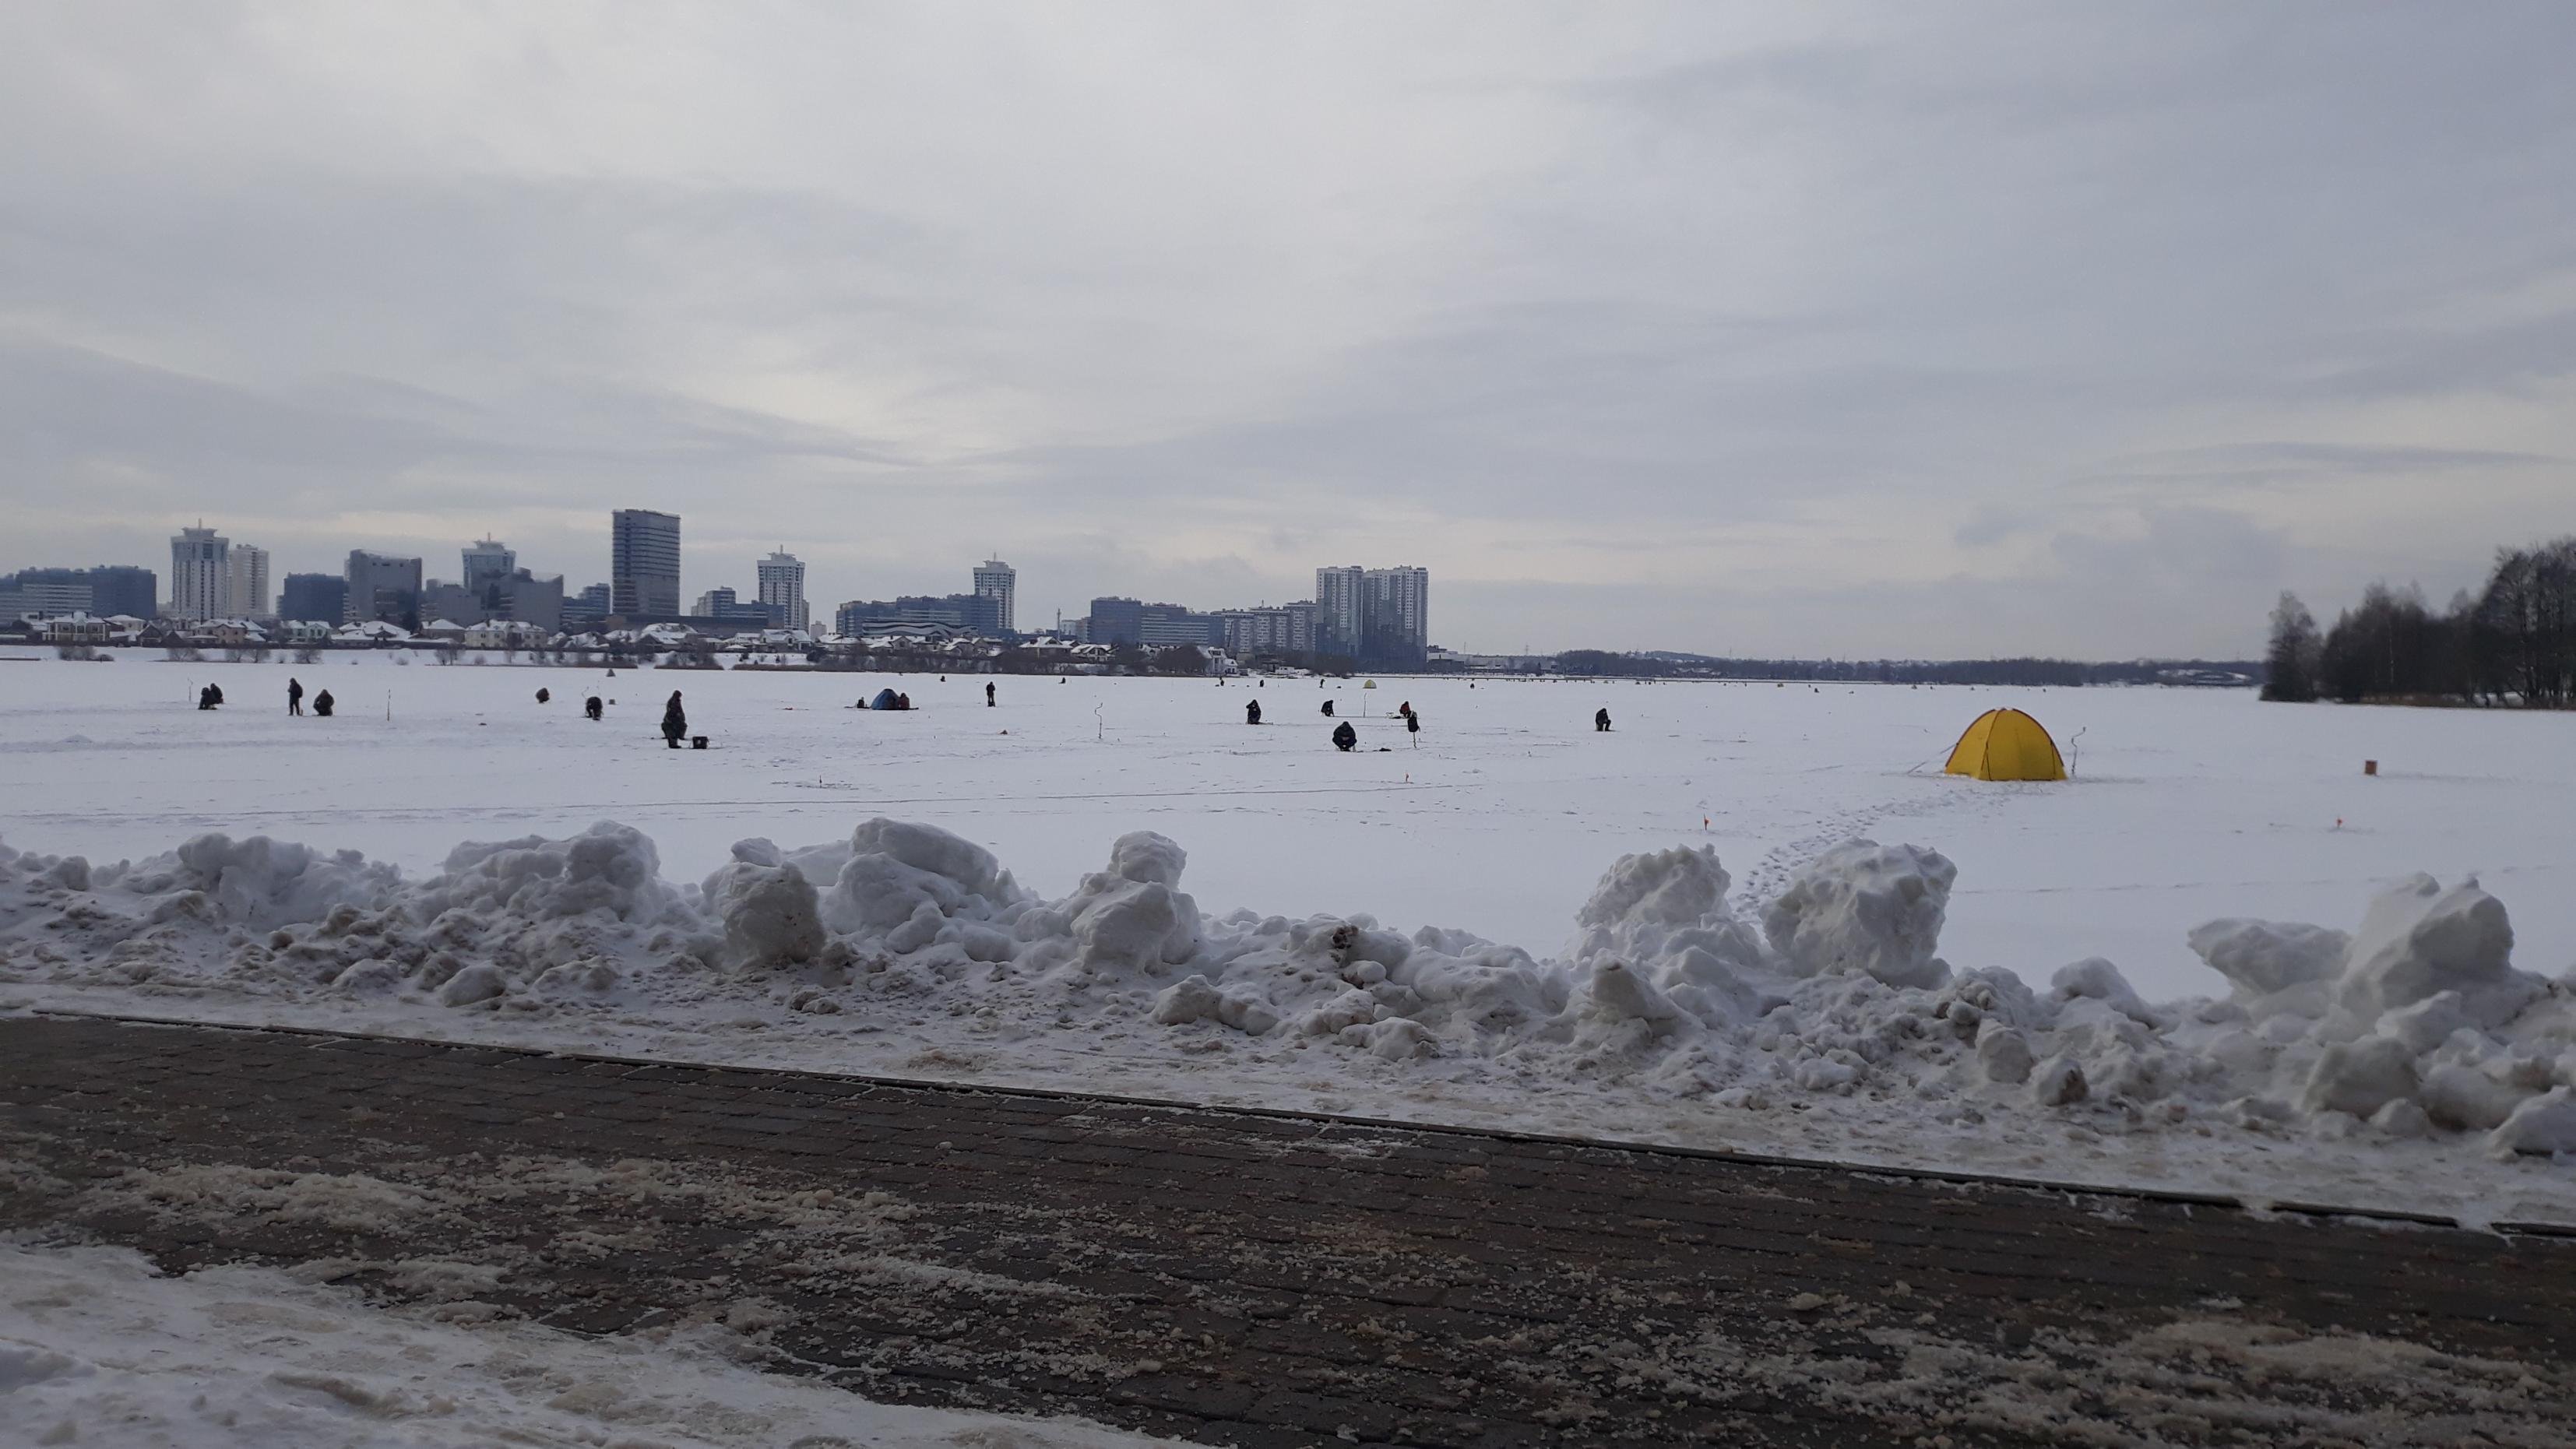 Были сегодня недалеко от слива,хороший денек рыбка поклевывала ... | Отчеты о рыбалке в Беларуси